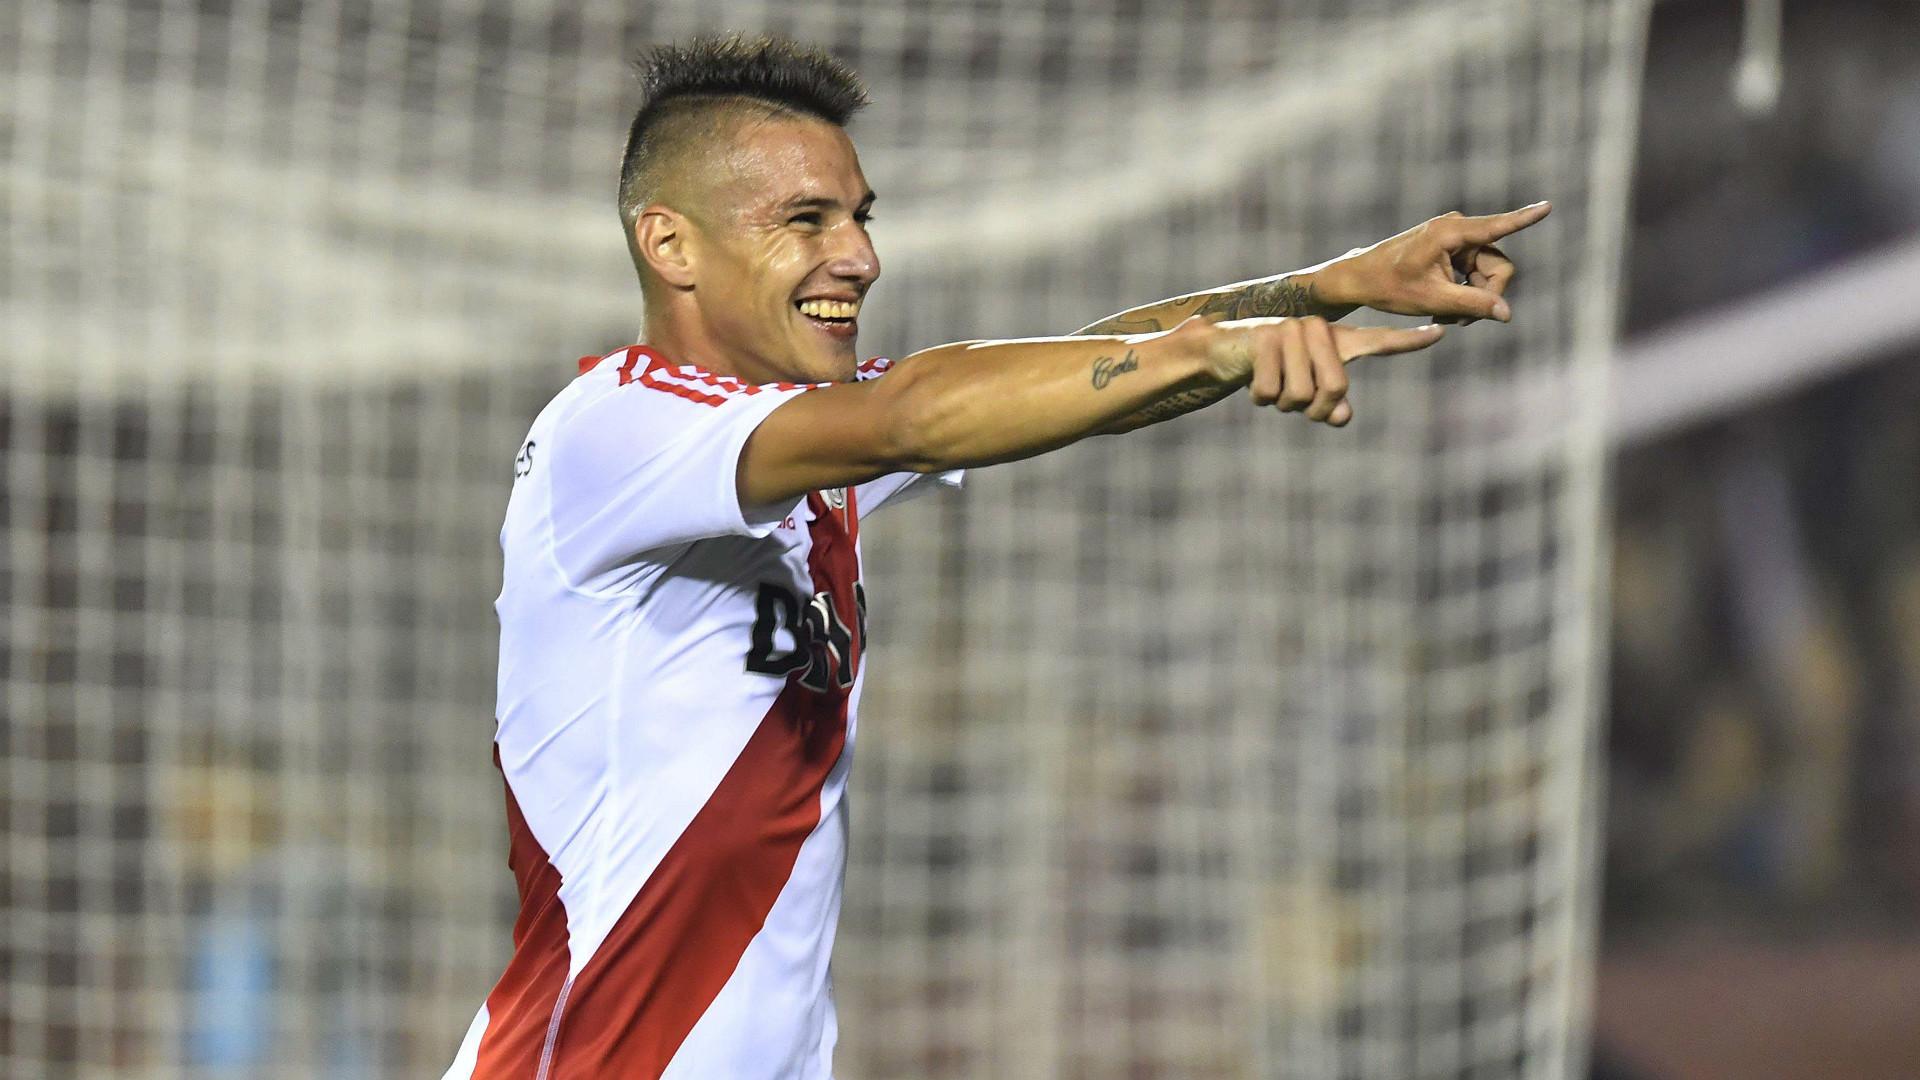 Carlos Auzqui Lanus River Plate Primera Division Argentina 21032017